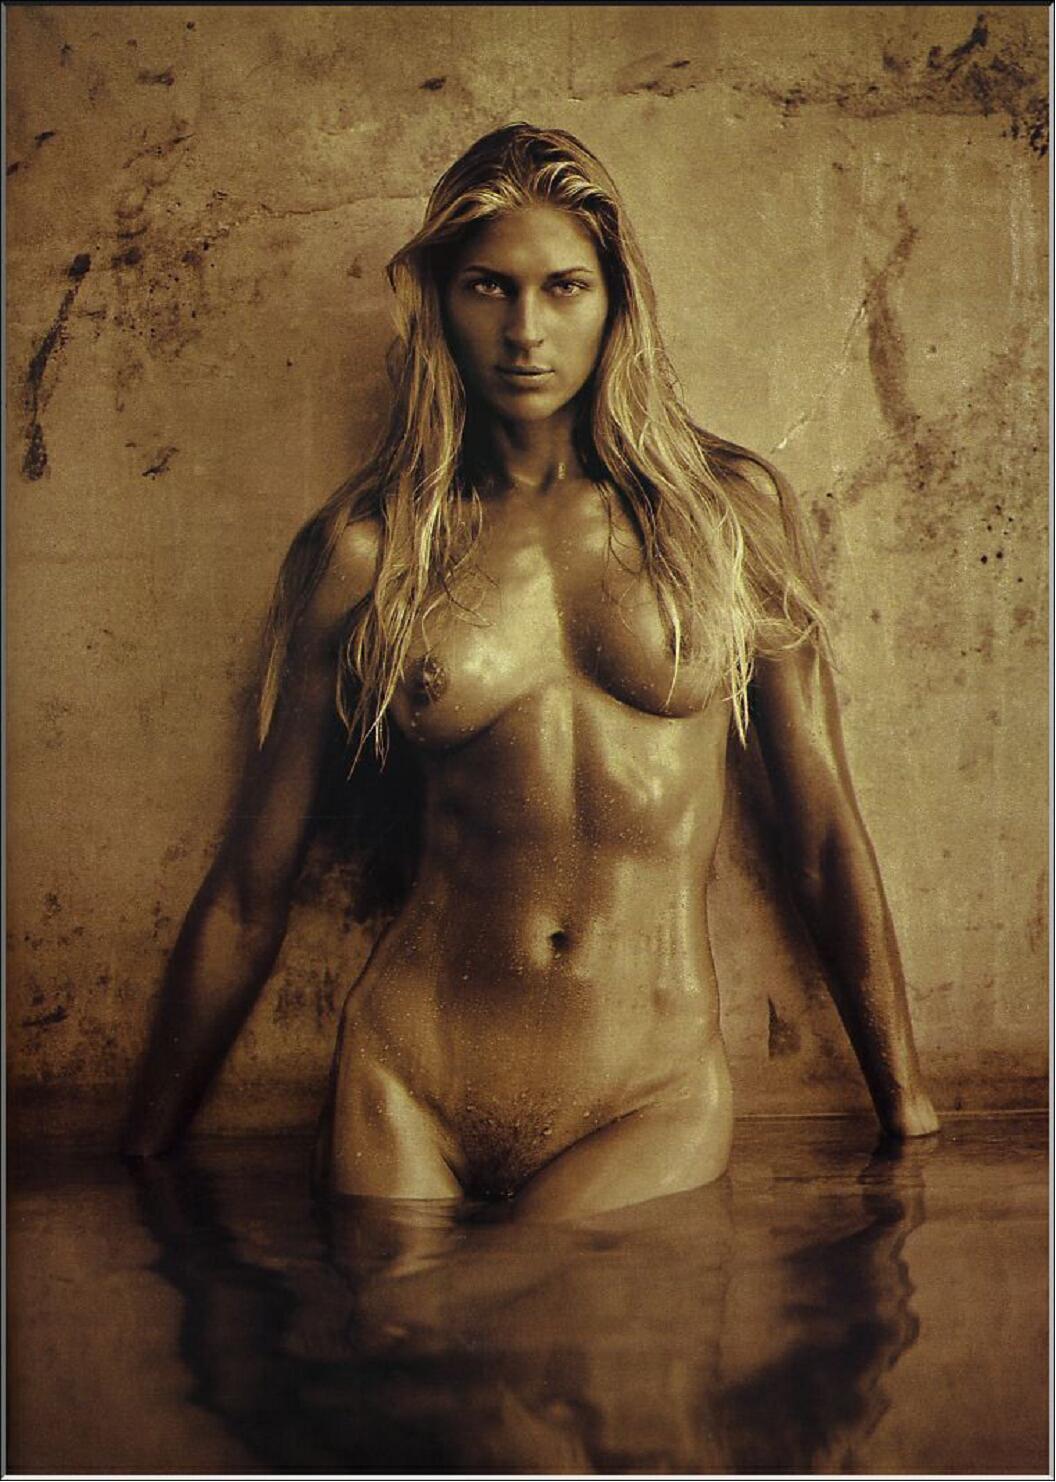 Nude Famous Female Athletes